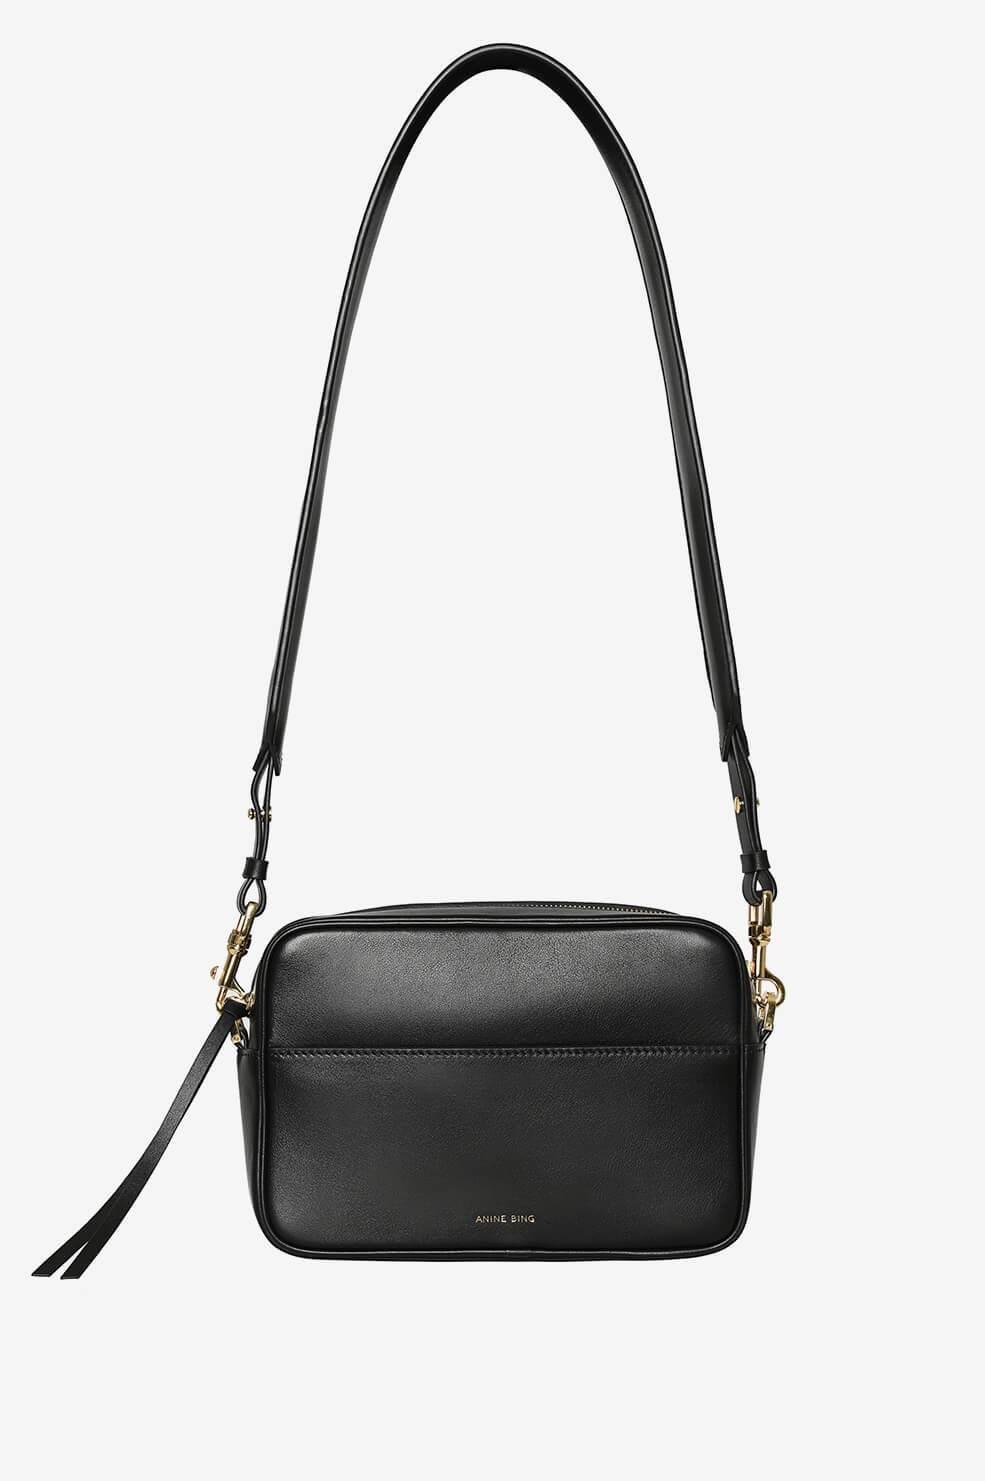 Alice Bag - Solid Black-5